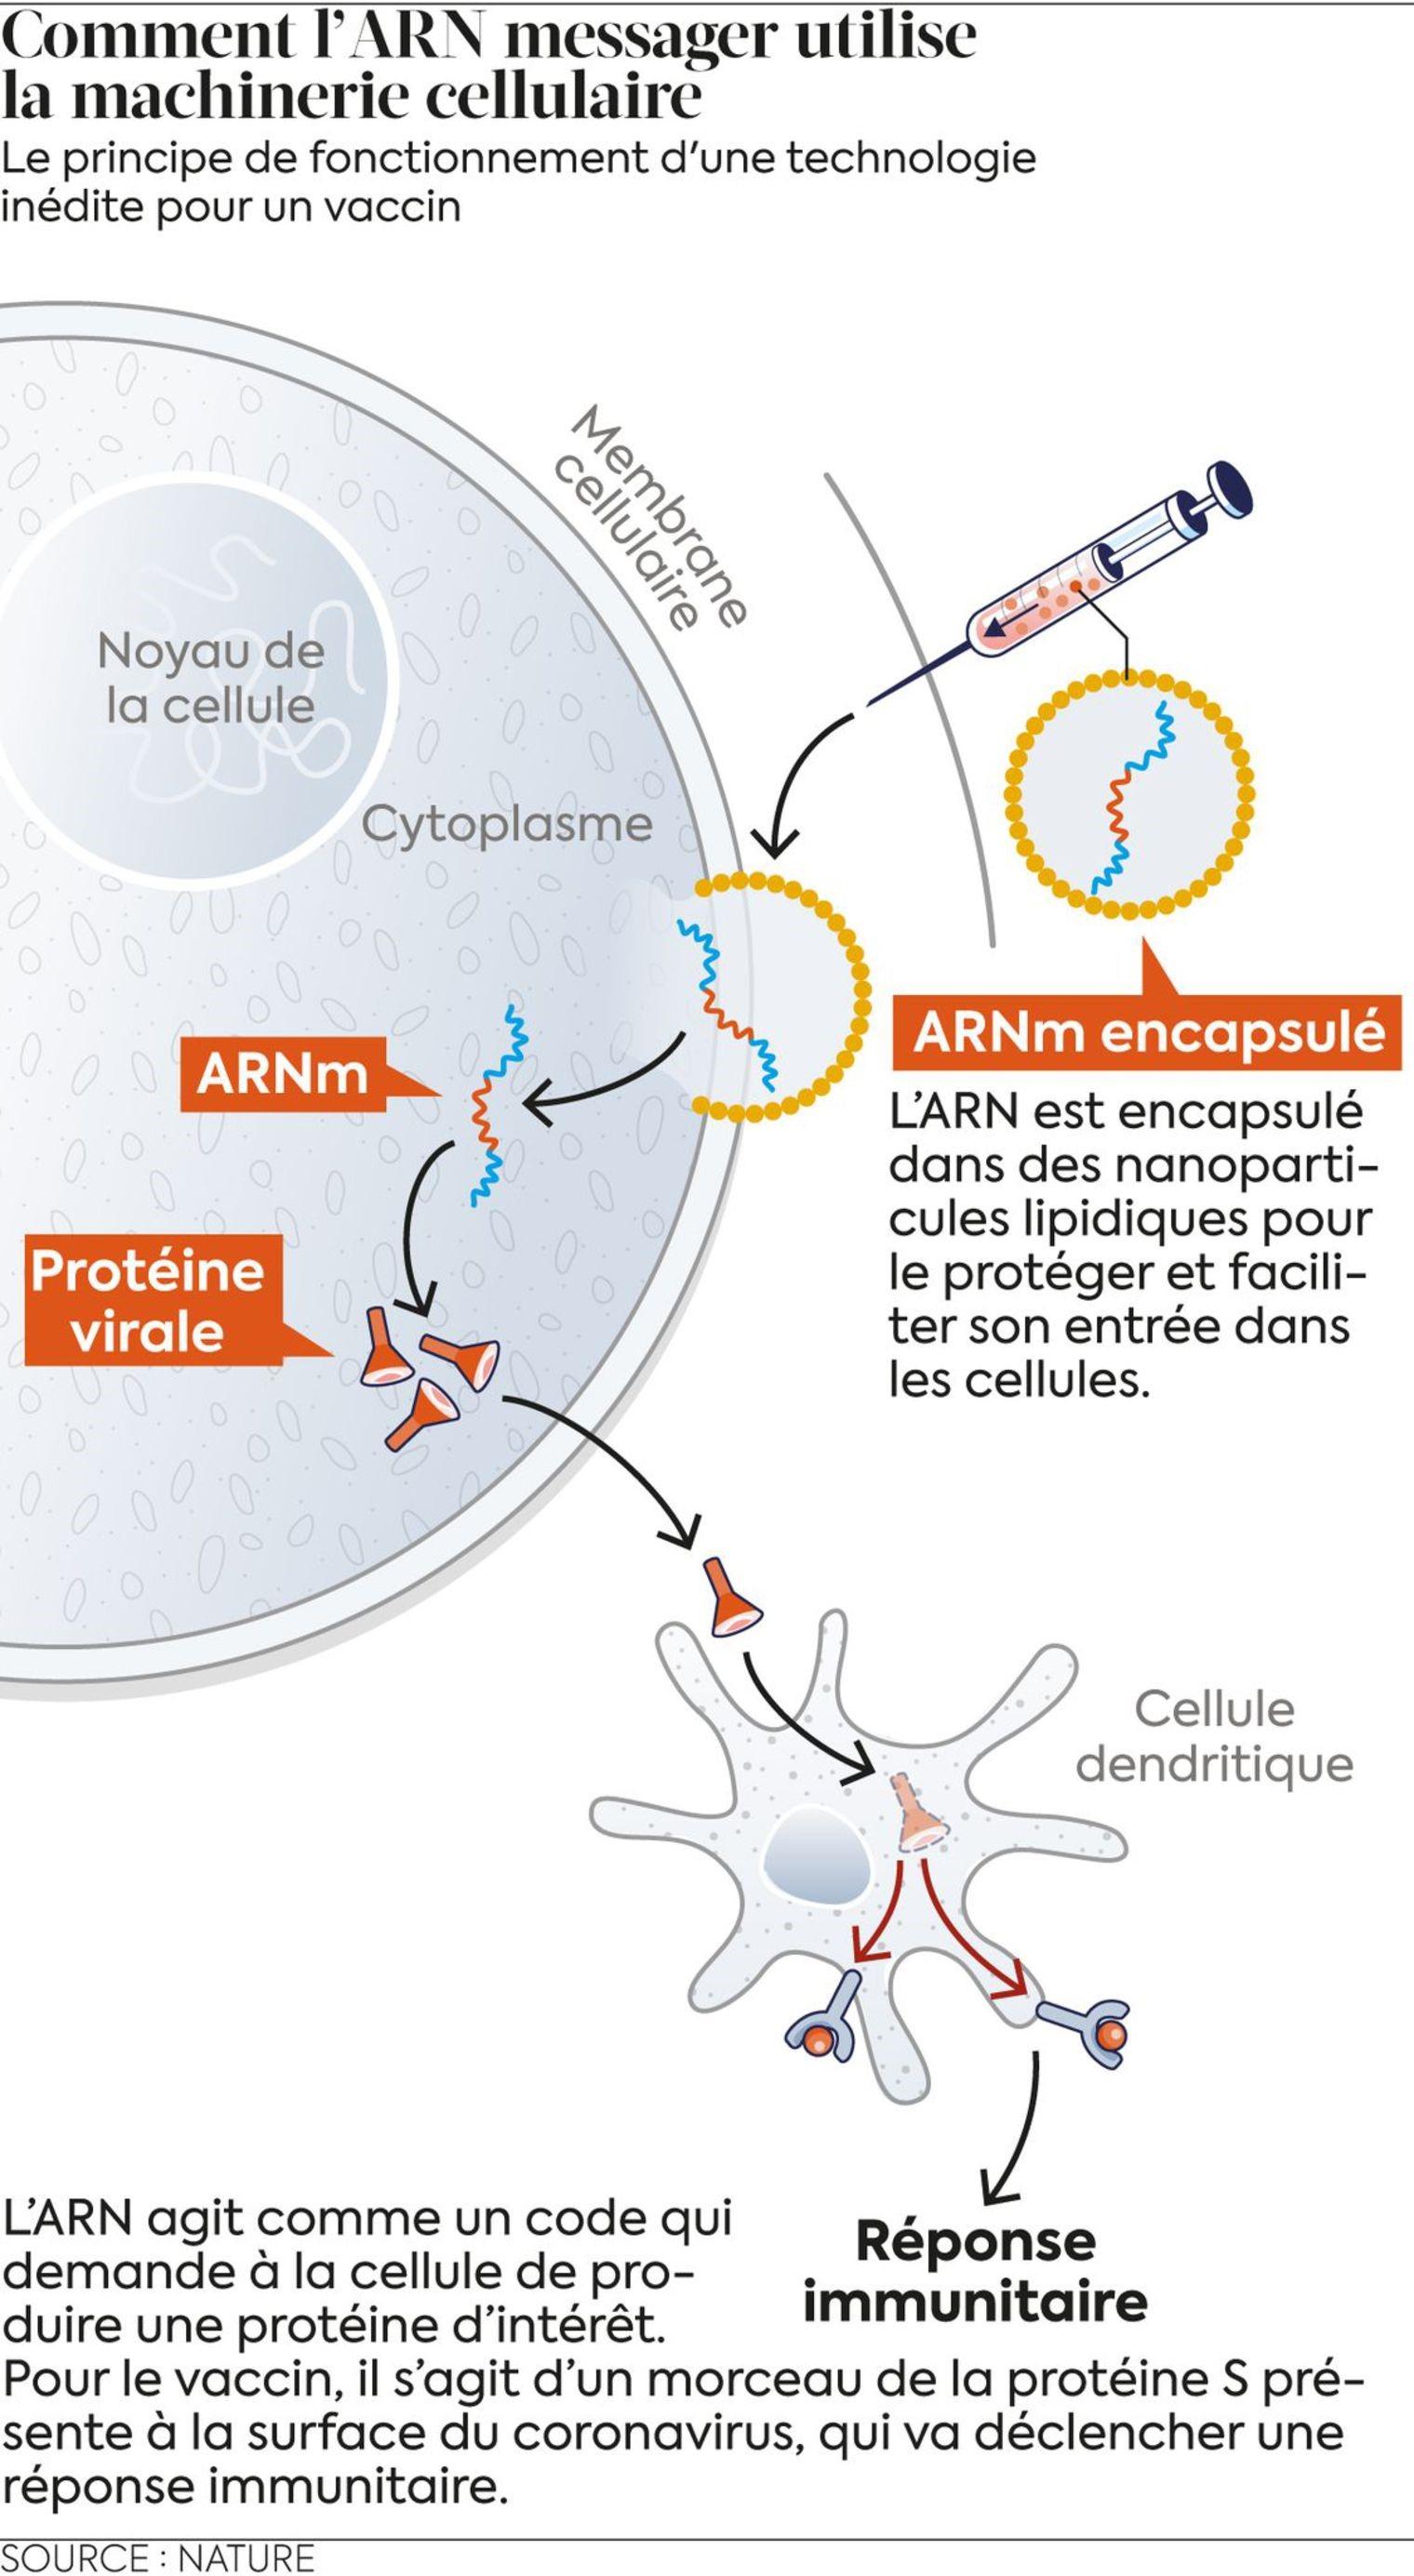 Vaccin à ARNm